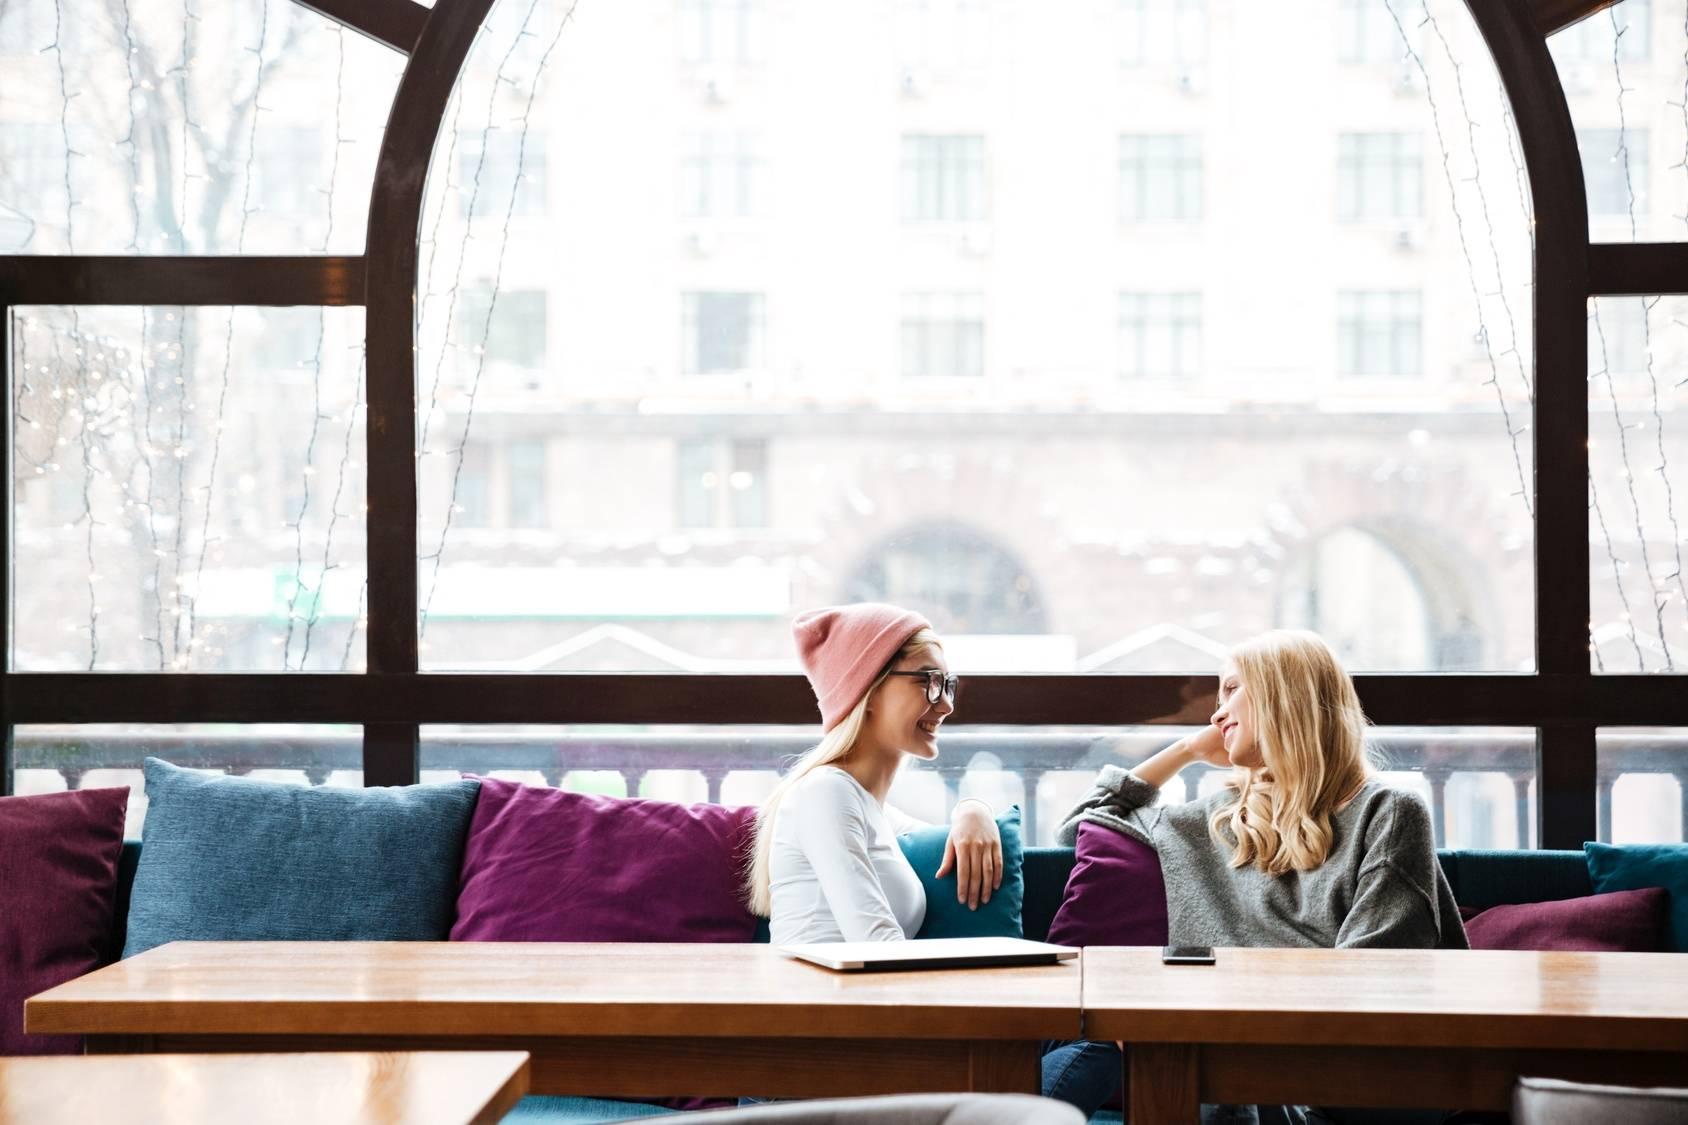 Jak pomóc osobie z depresją - rozmowa z bliską osobą.